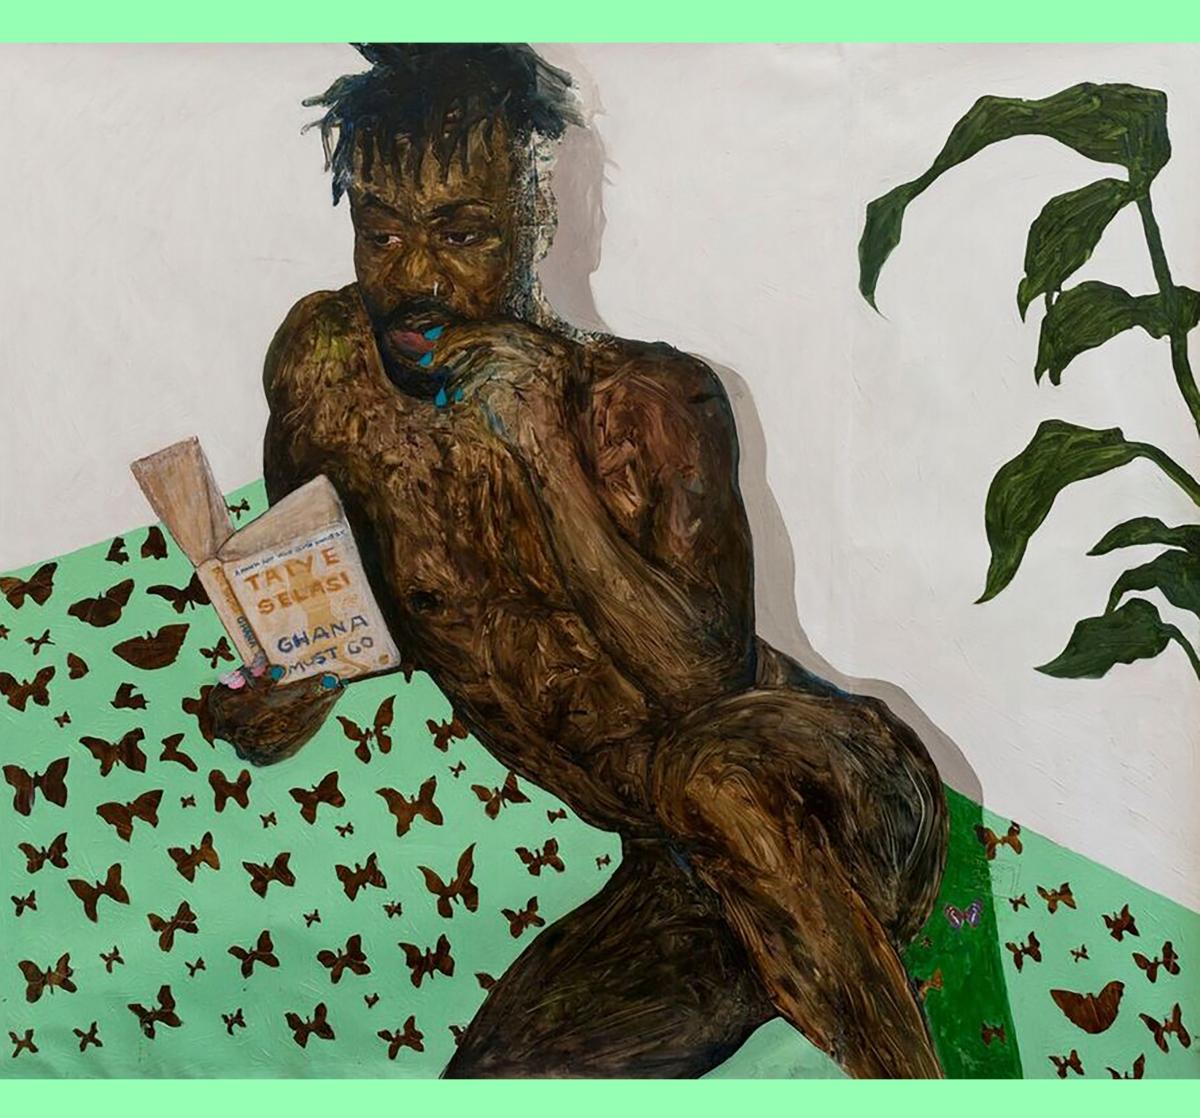 Amoako Boafo solo exhibition – WE DEY